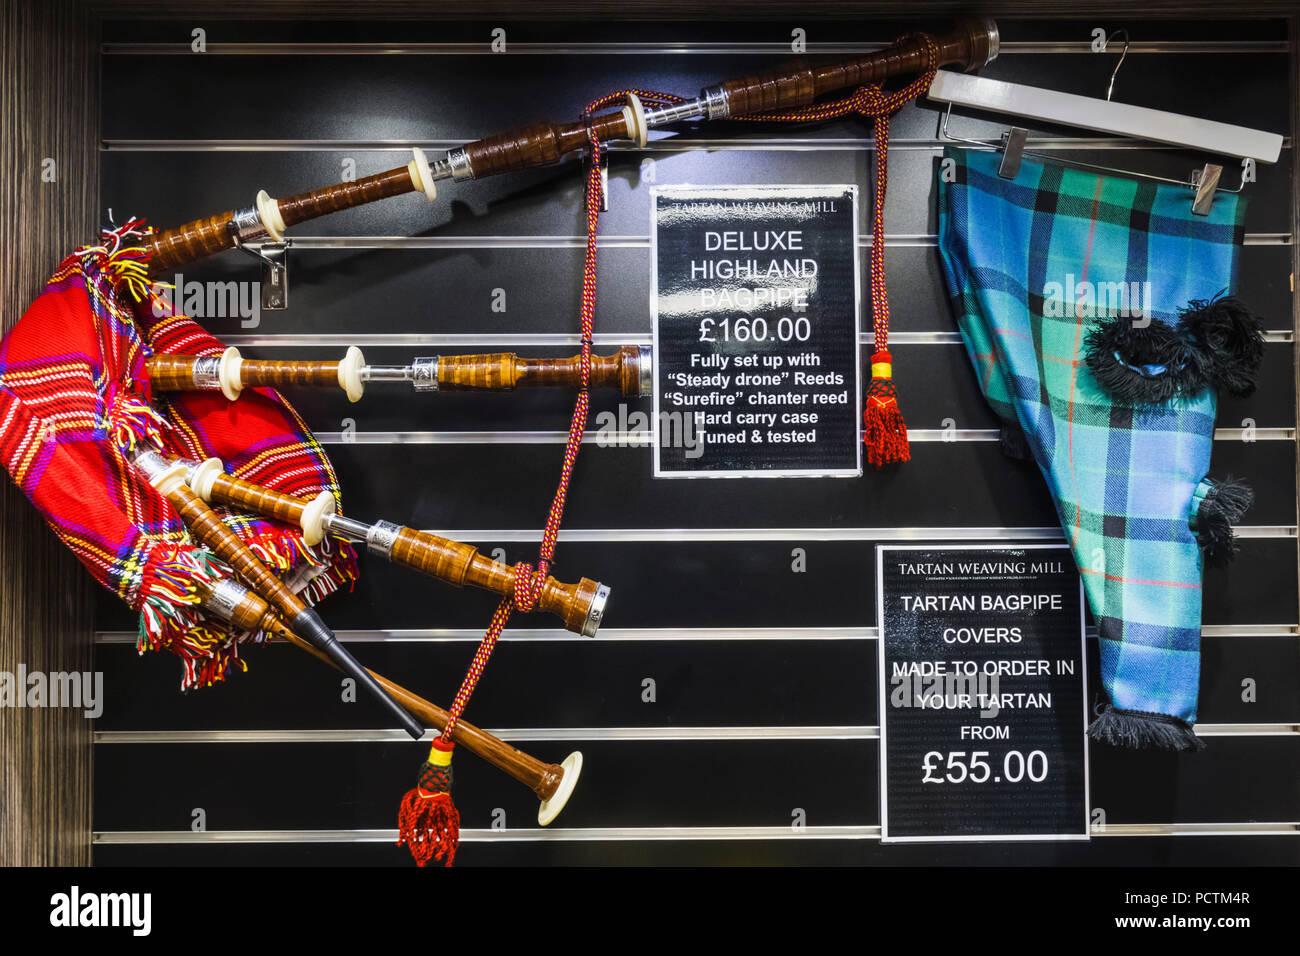 Gran Bretaña, Escocia, Edimburgo, el Royal Mile, la Tartan de tejeduría, Almacén de gaitas Imagen De Stock